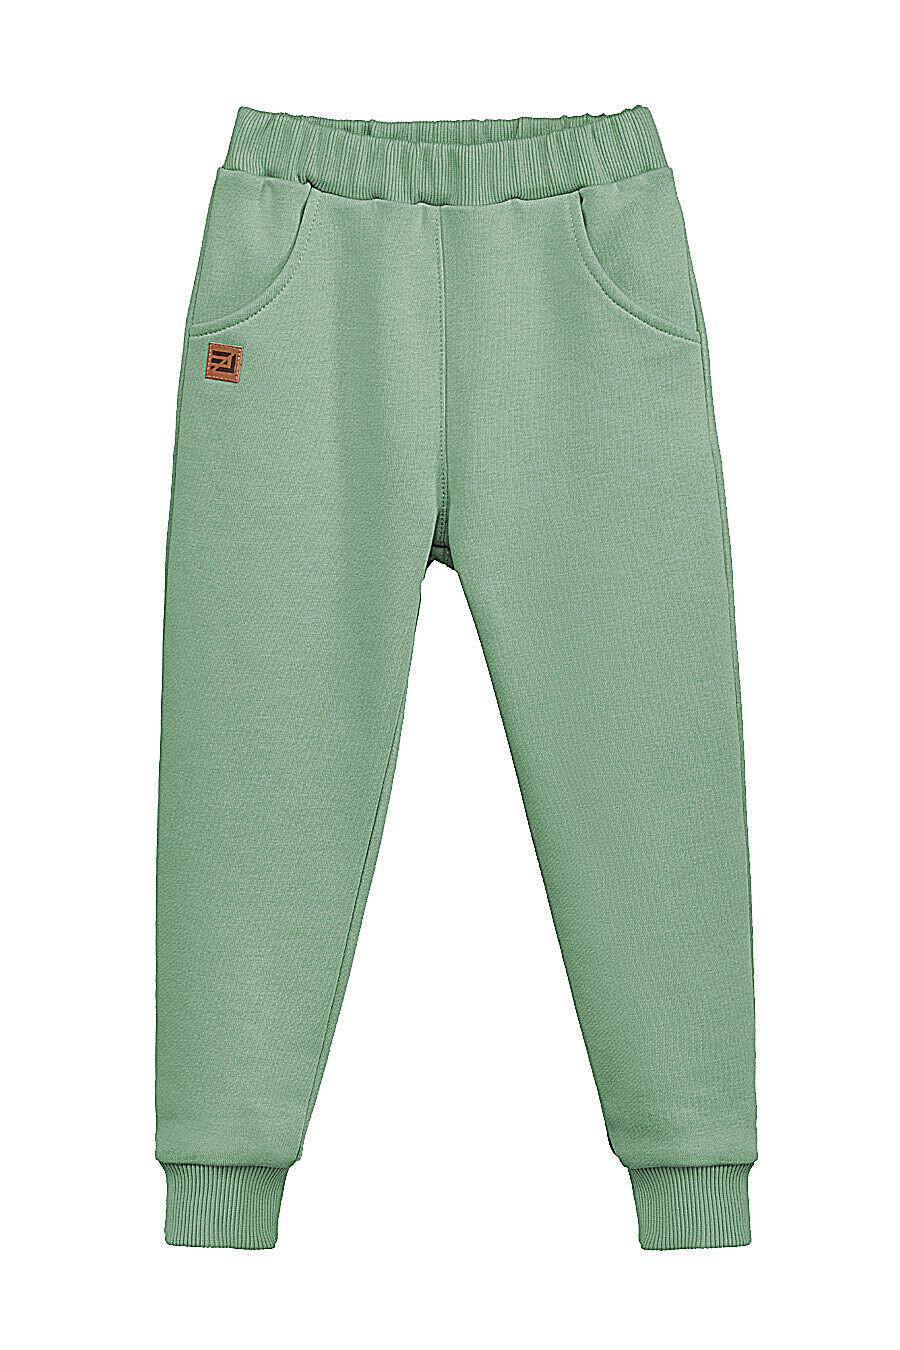 Костюм(Толстовка+Брюки) для девочек EZANNA 682391 купить оптом от производителя. Совместная покупка детской одежды в OptMoyo